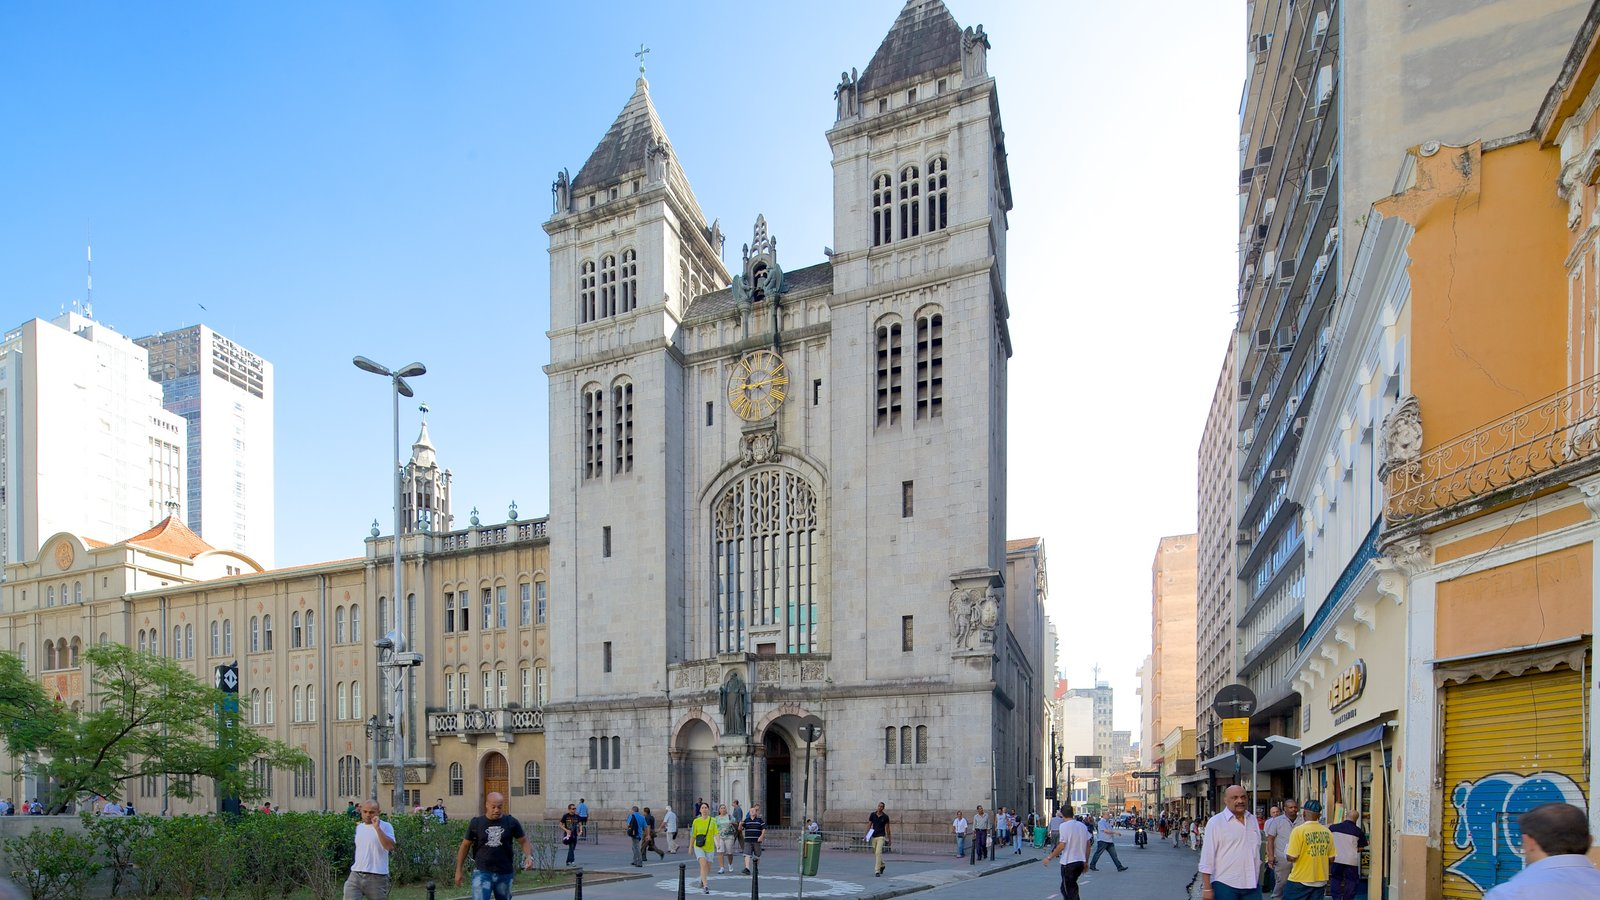 Mosteiro de São Bento caracterizando uma igreja ou catedral, cenas de rua e aspectos religiosos